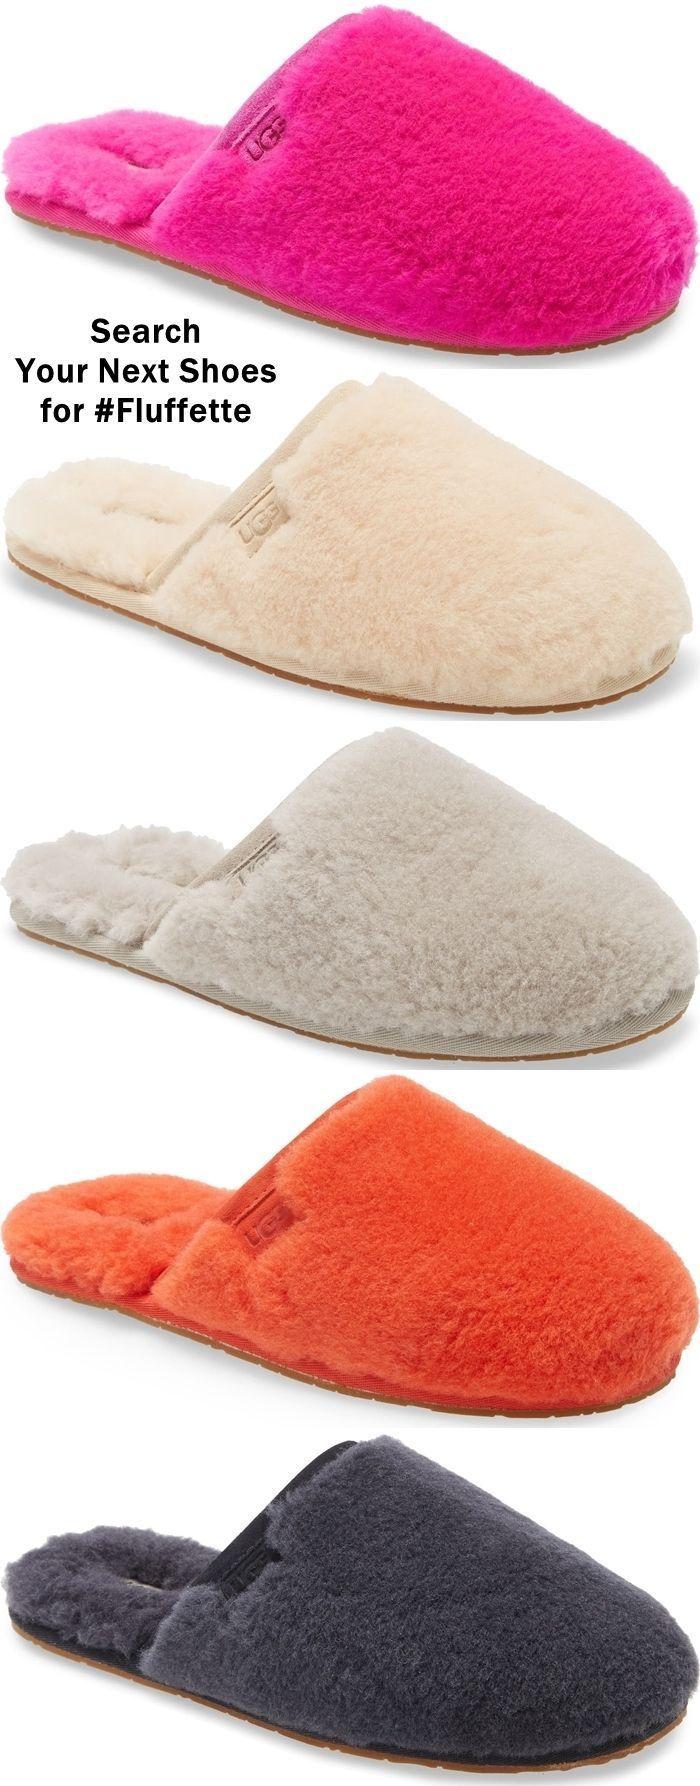 Cozy UGG Fluffette Wool Slippers in